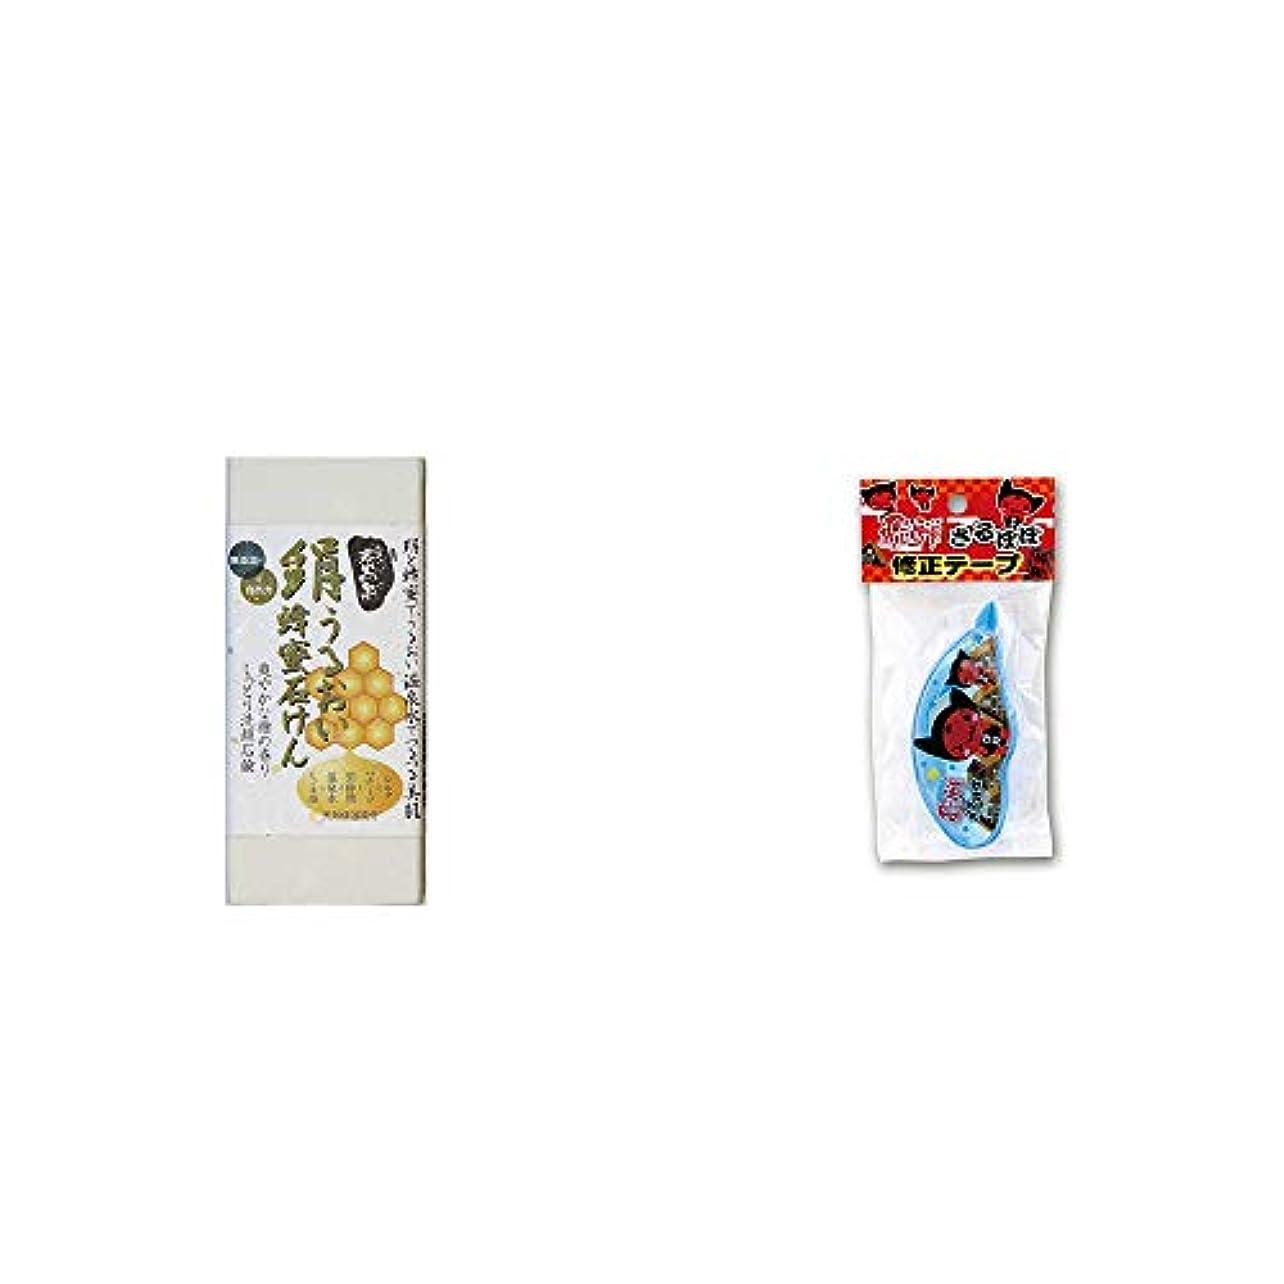 慈善太鼓腹輸送[2点セット] ひのき炭黒泉 絹うるおい蜂蜜石けん(75g×2)?さるぼぼ 修正テープ【ピンク】